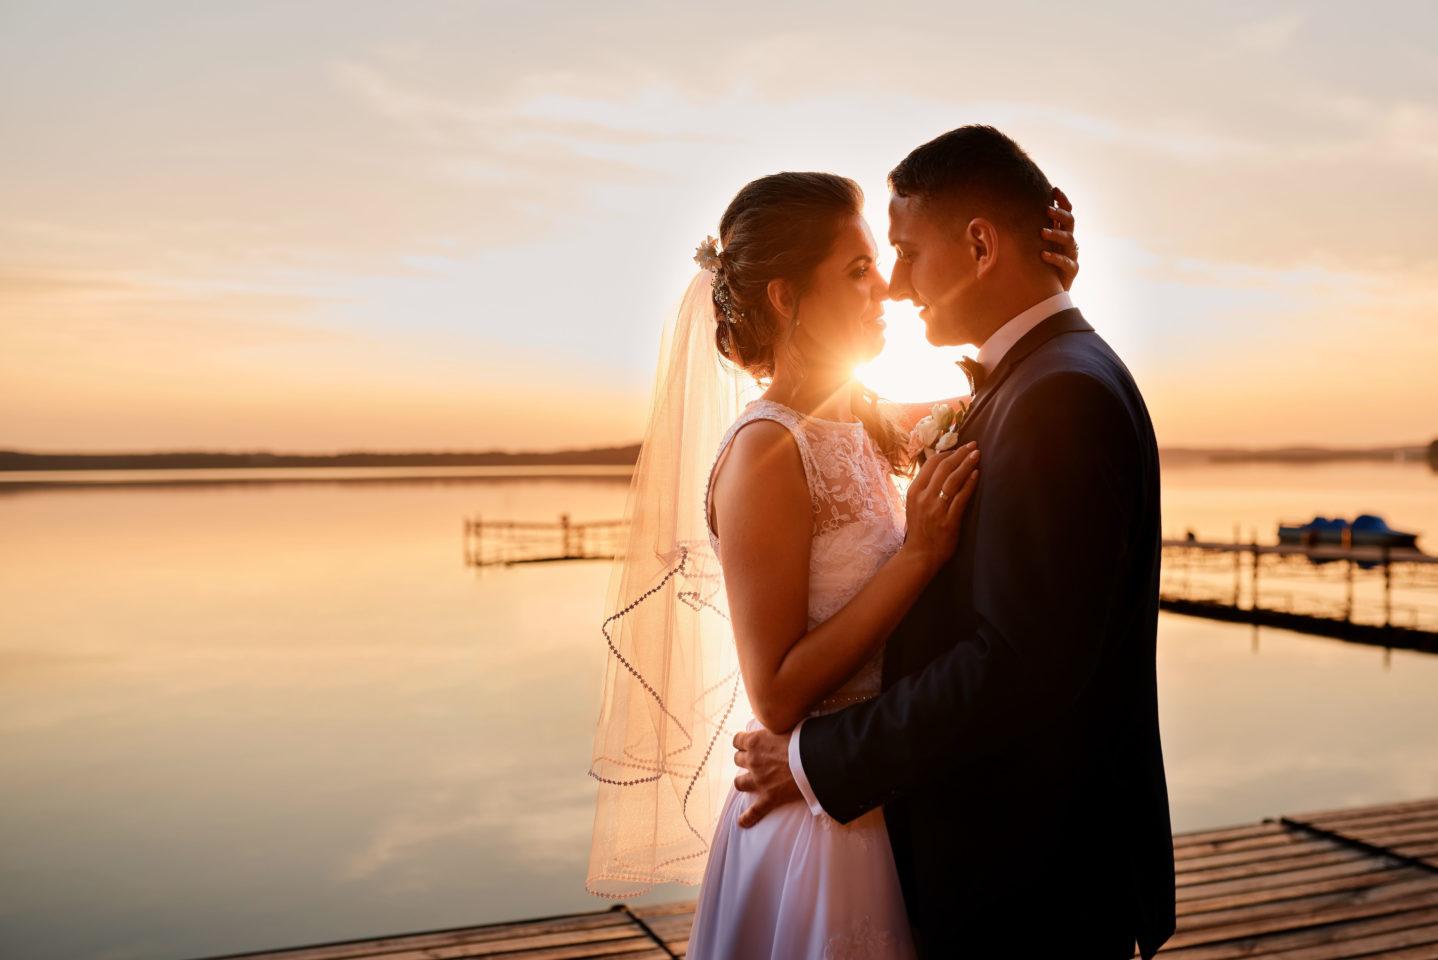 Plener ślubny nad jeziorem fotograf ślubny Gdańsk